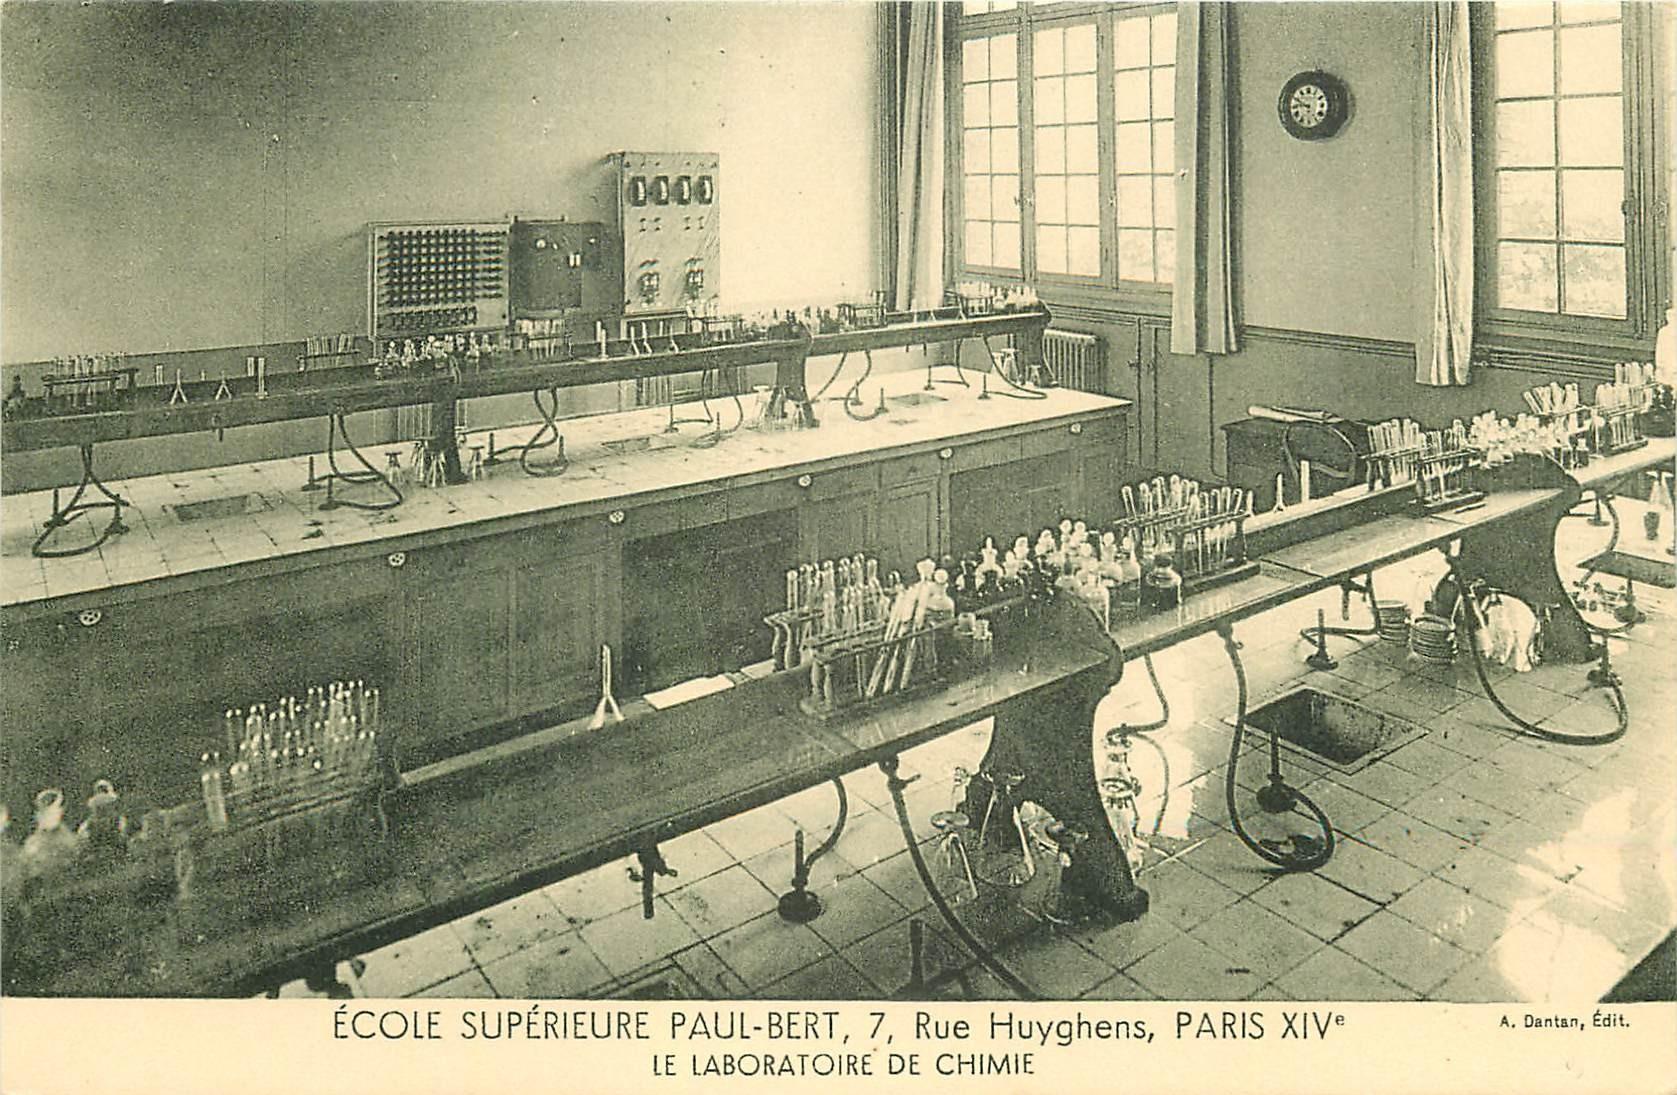 PARIS 14. Ecole Supérieure Paul-Bert 7 rue Huyghens. Le Laboratoire de Chimie